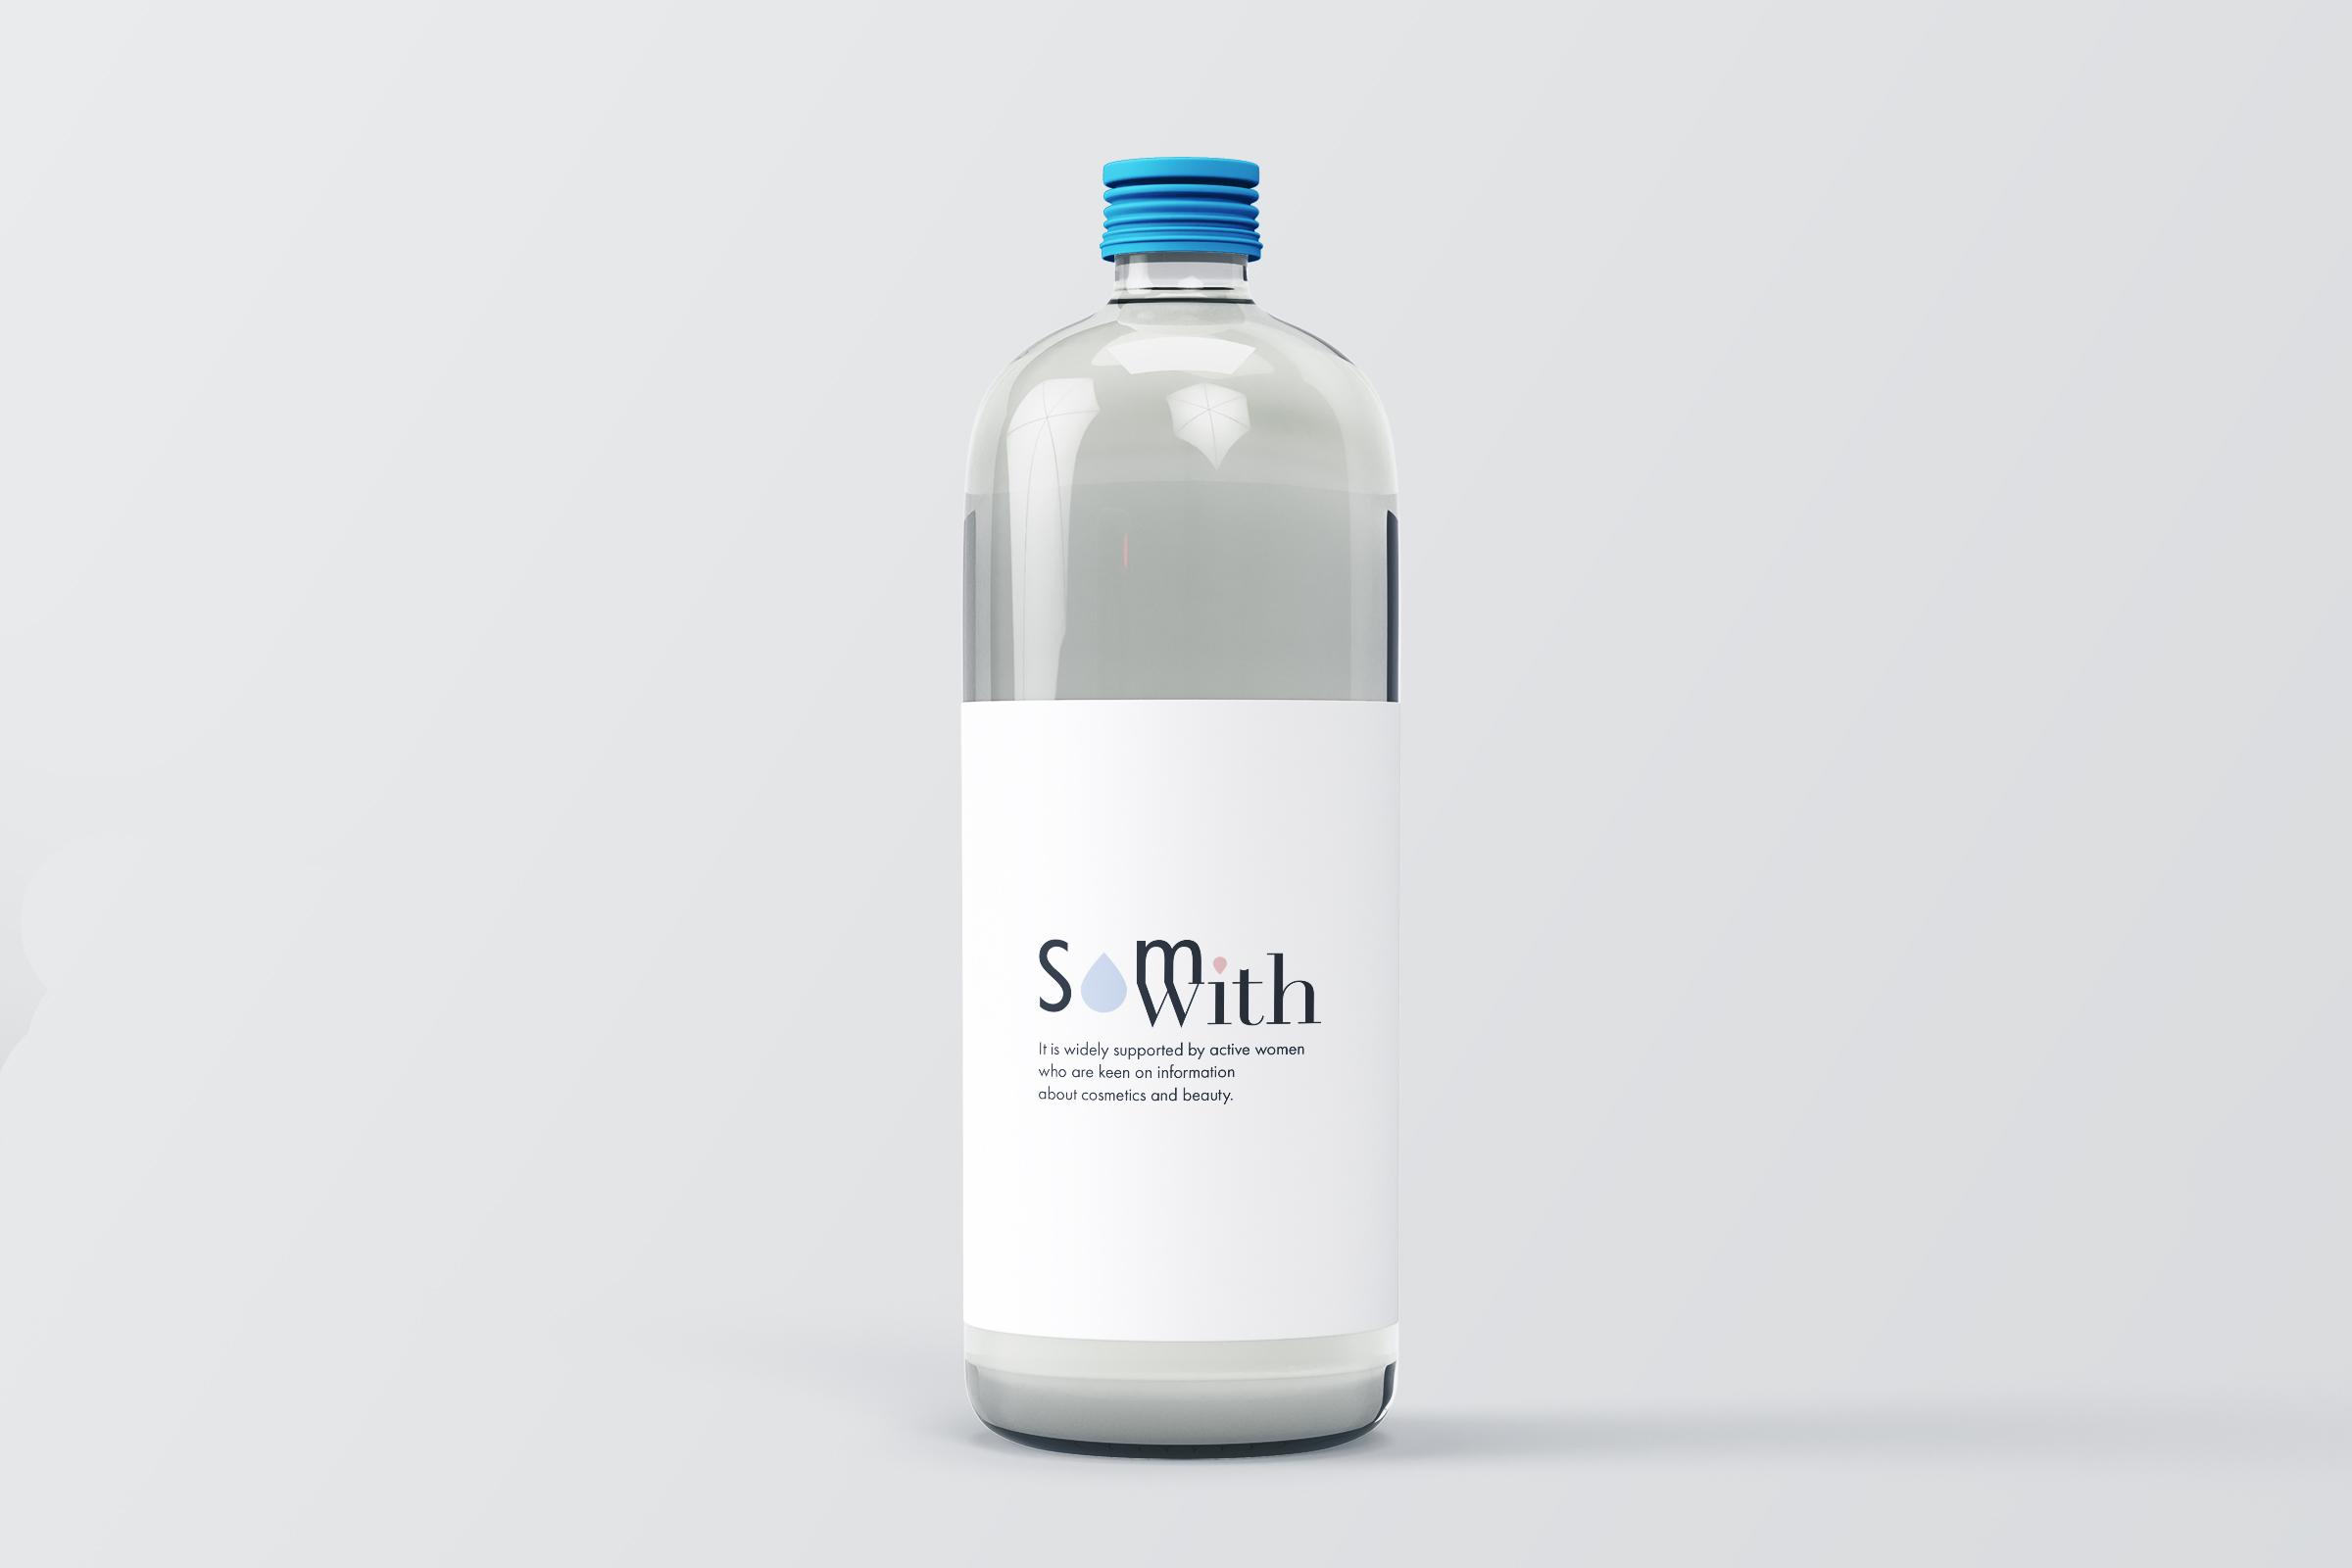 samwith